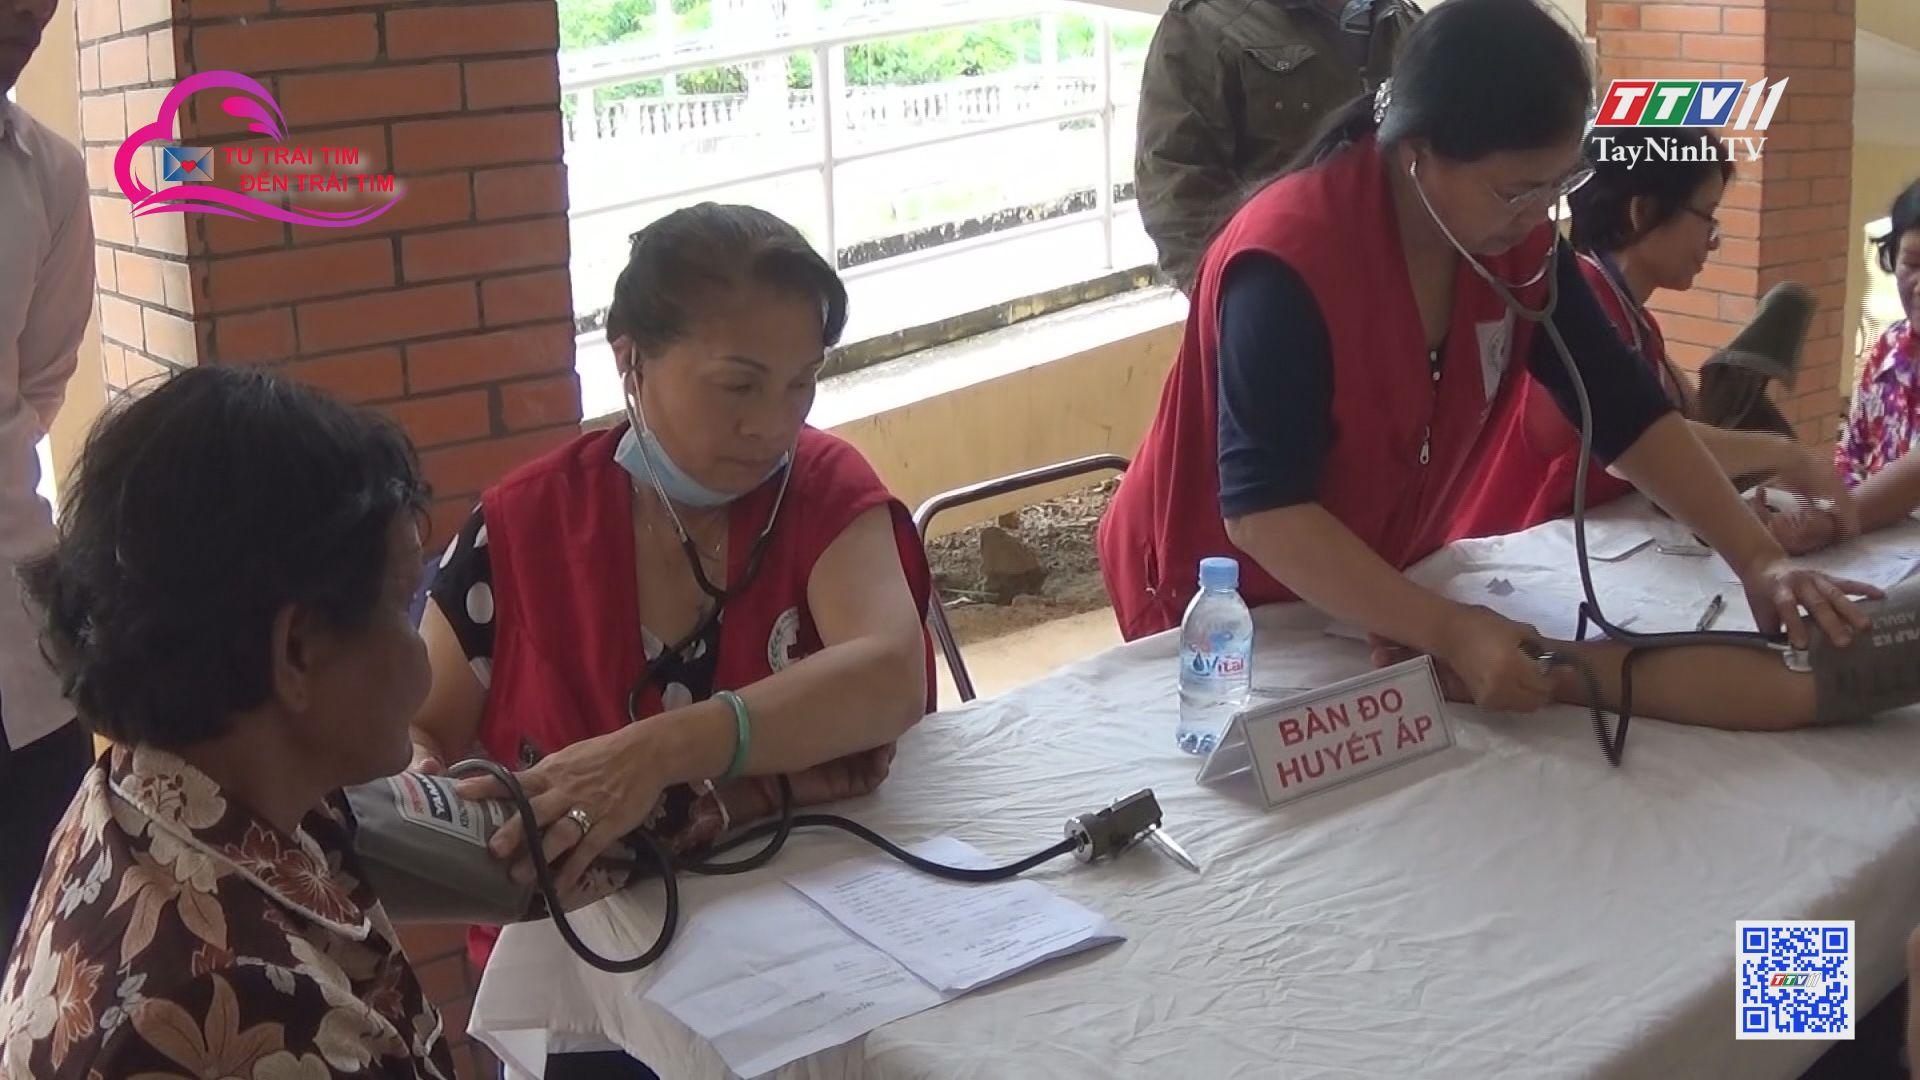 Hành trình đến gần hơn với người nghèo | TỪ TRÁI TIM ĐẾN TRÁI TIM | TayNinhTV